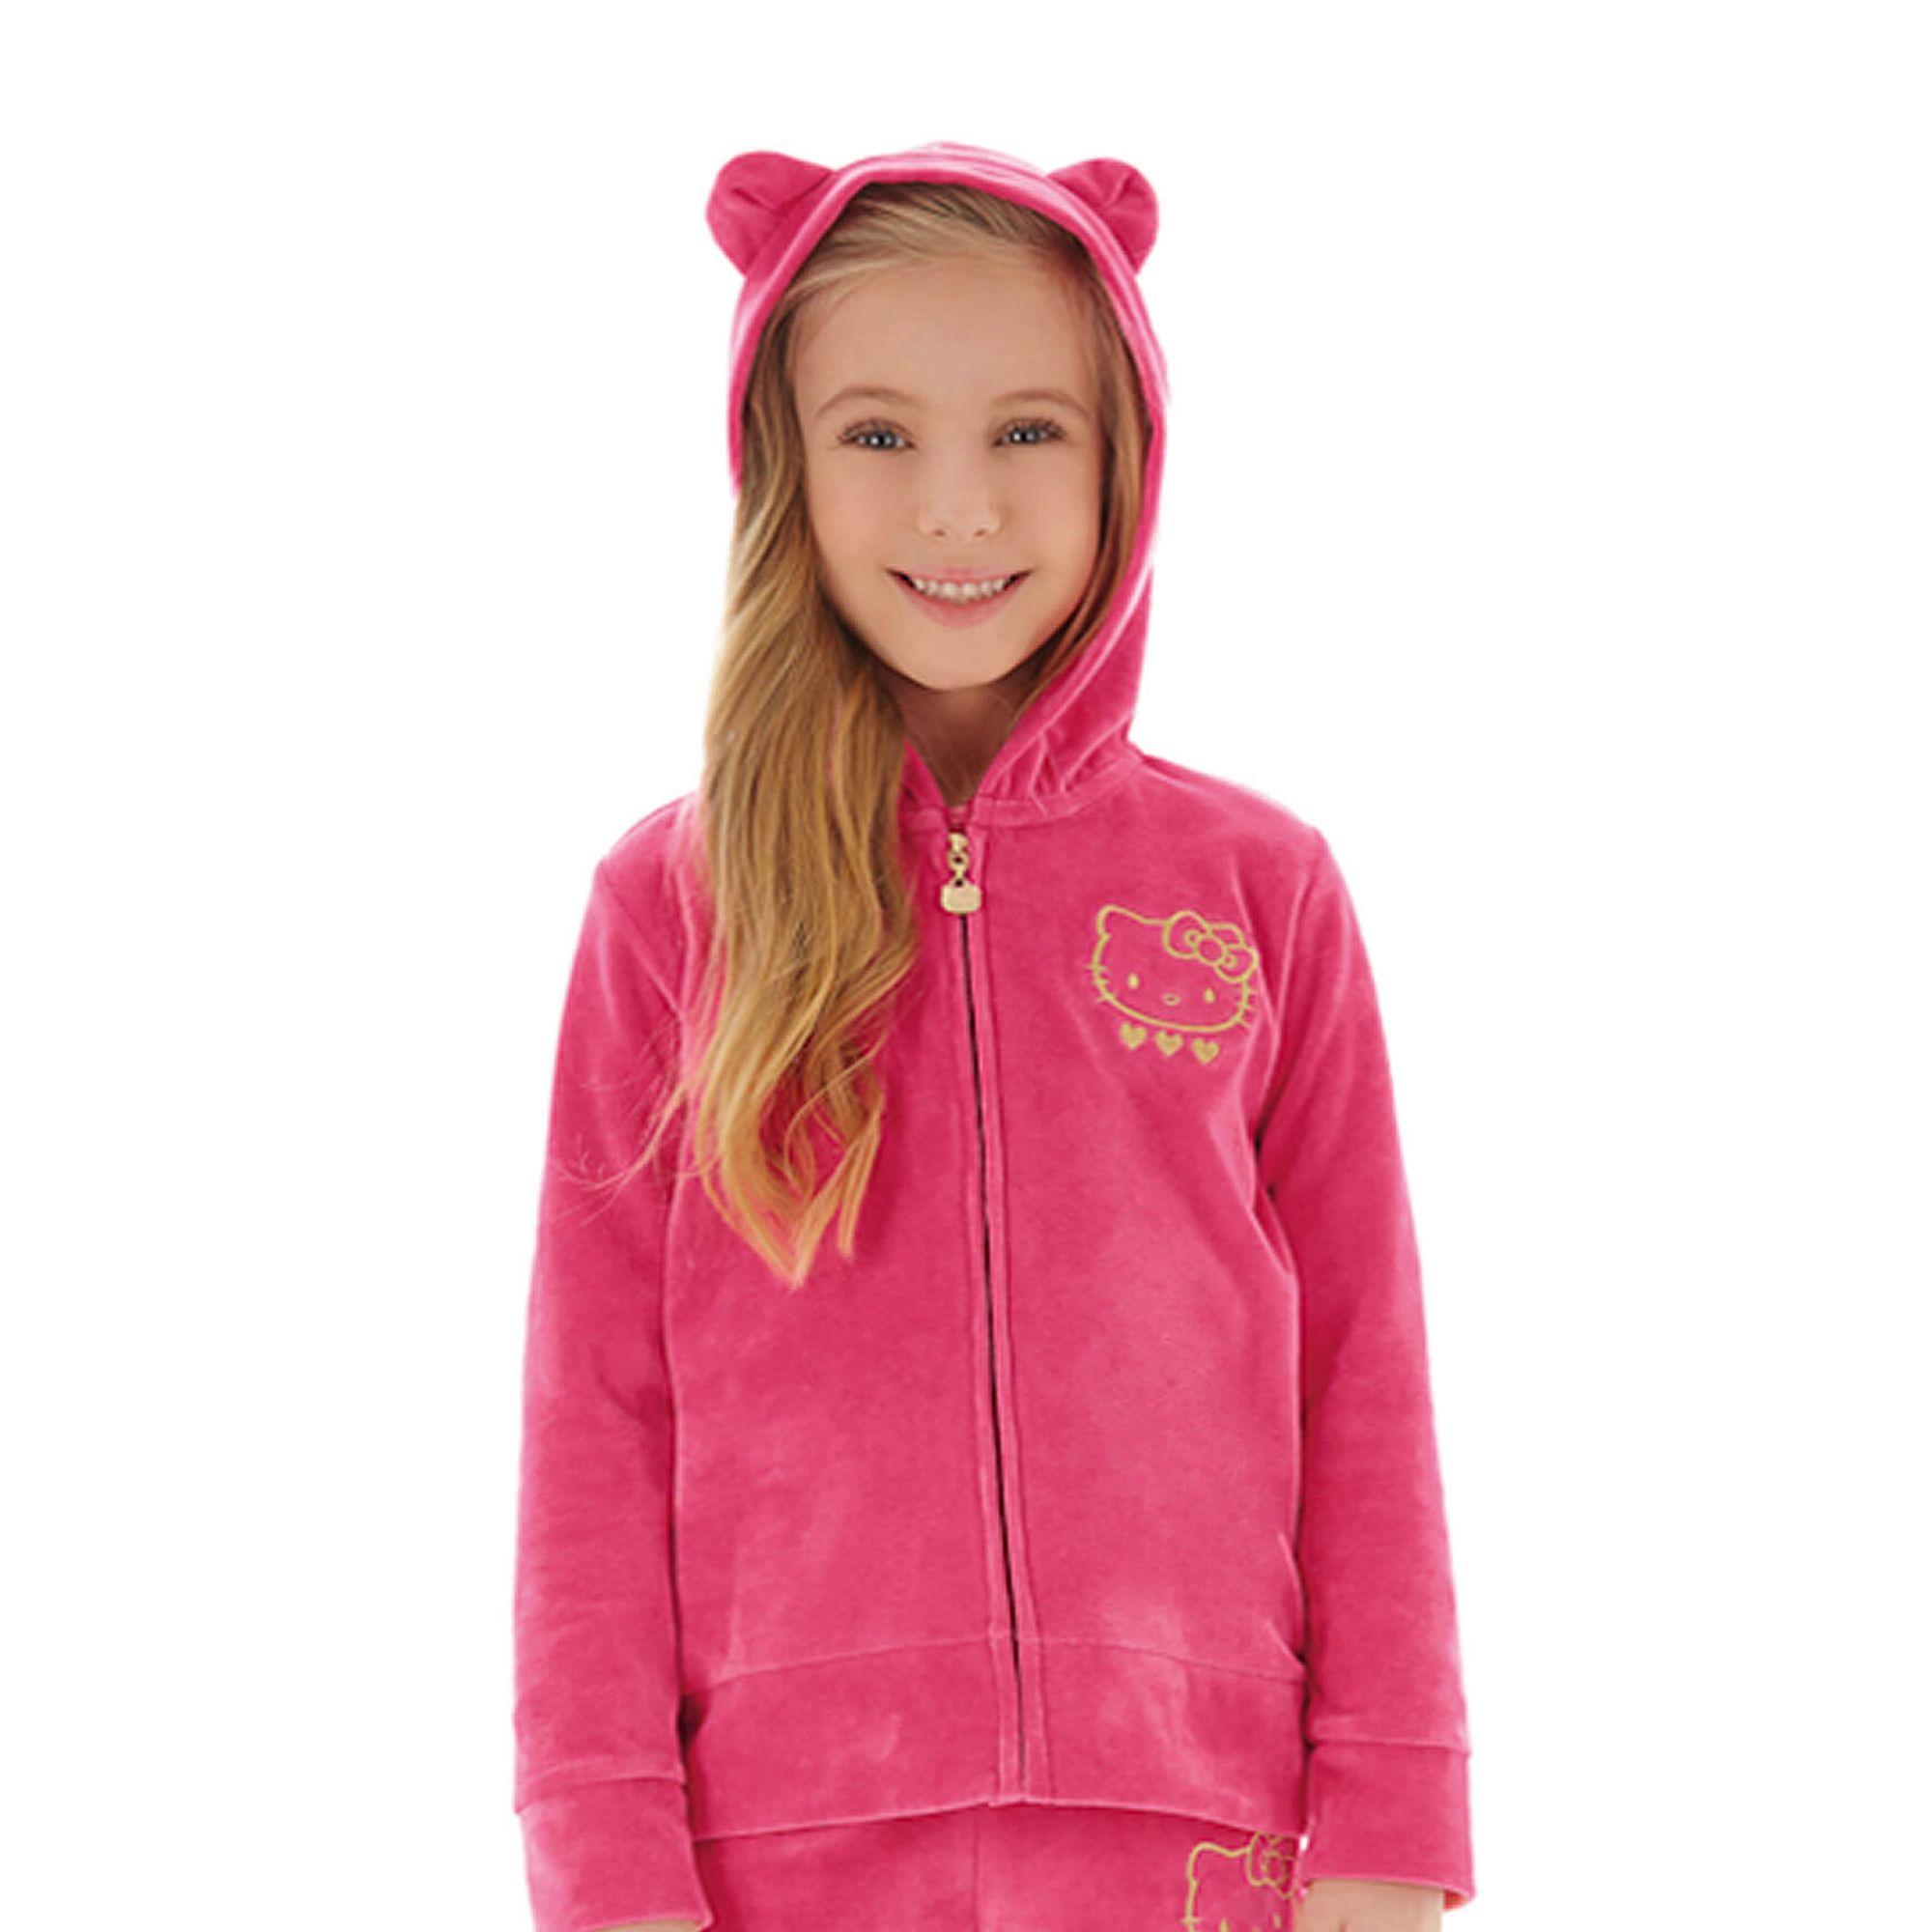 casaco-menina-em-plush-rosa-hello-kitty